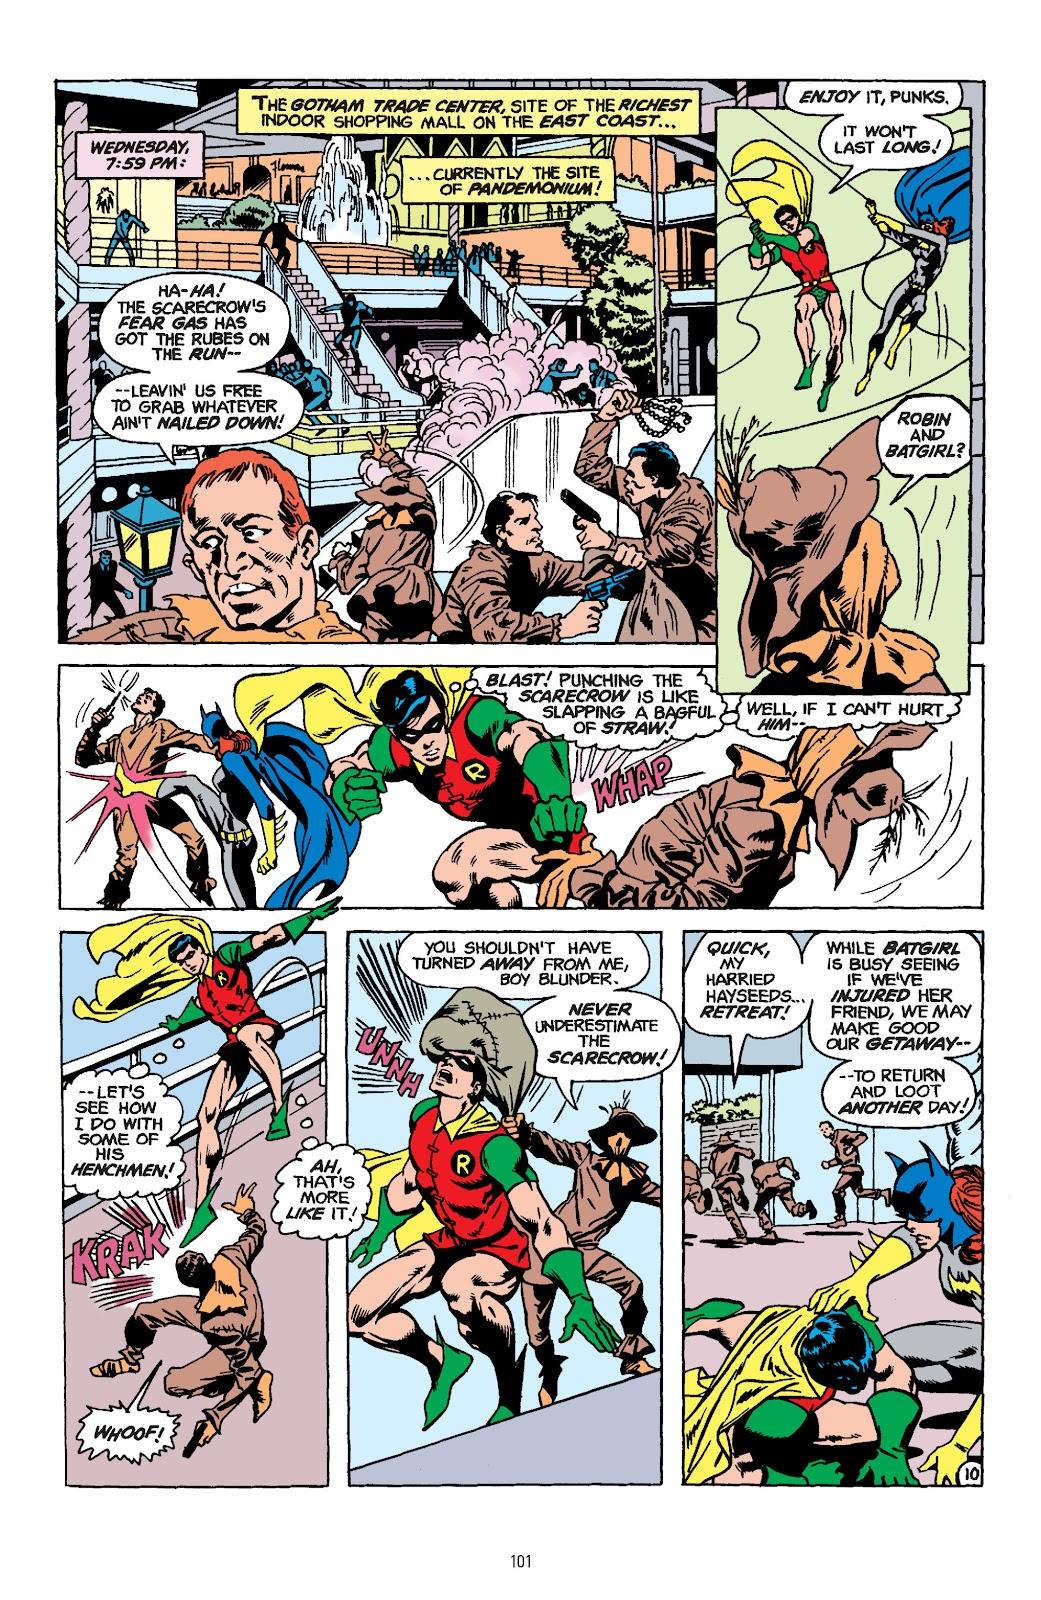 Read online Batman Arkham: Scarecrow comic -  Issue # TPB (Part 2) - 1